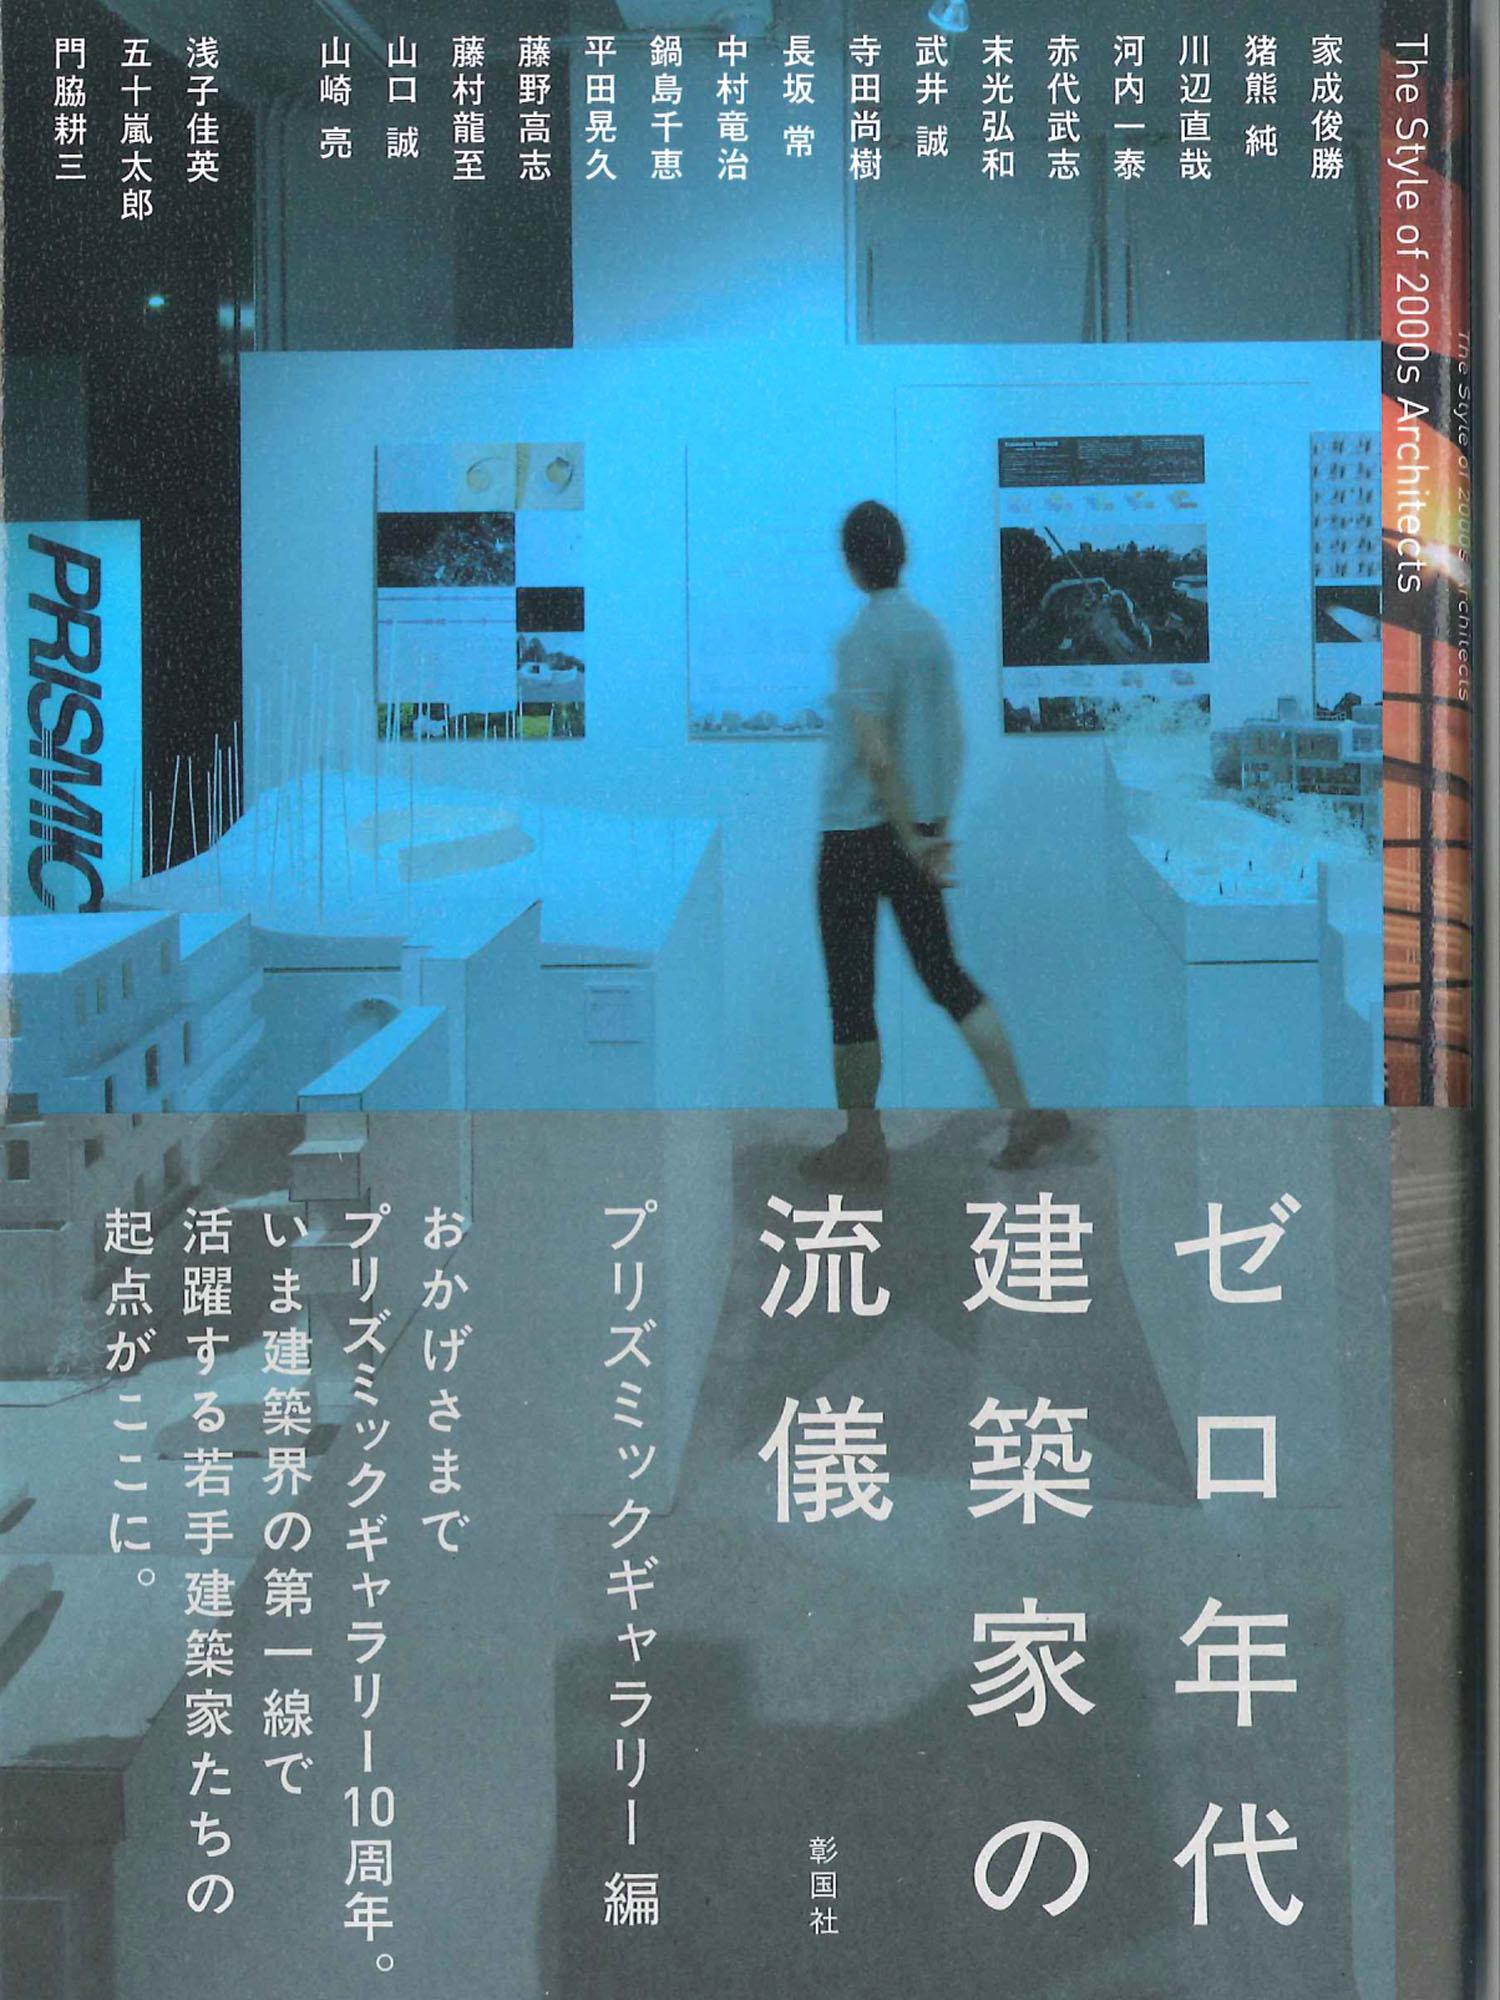 emmanuelle moureaux exhibition<br>shikiri